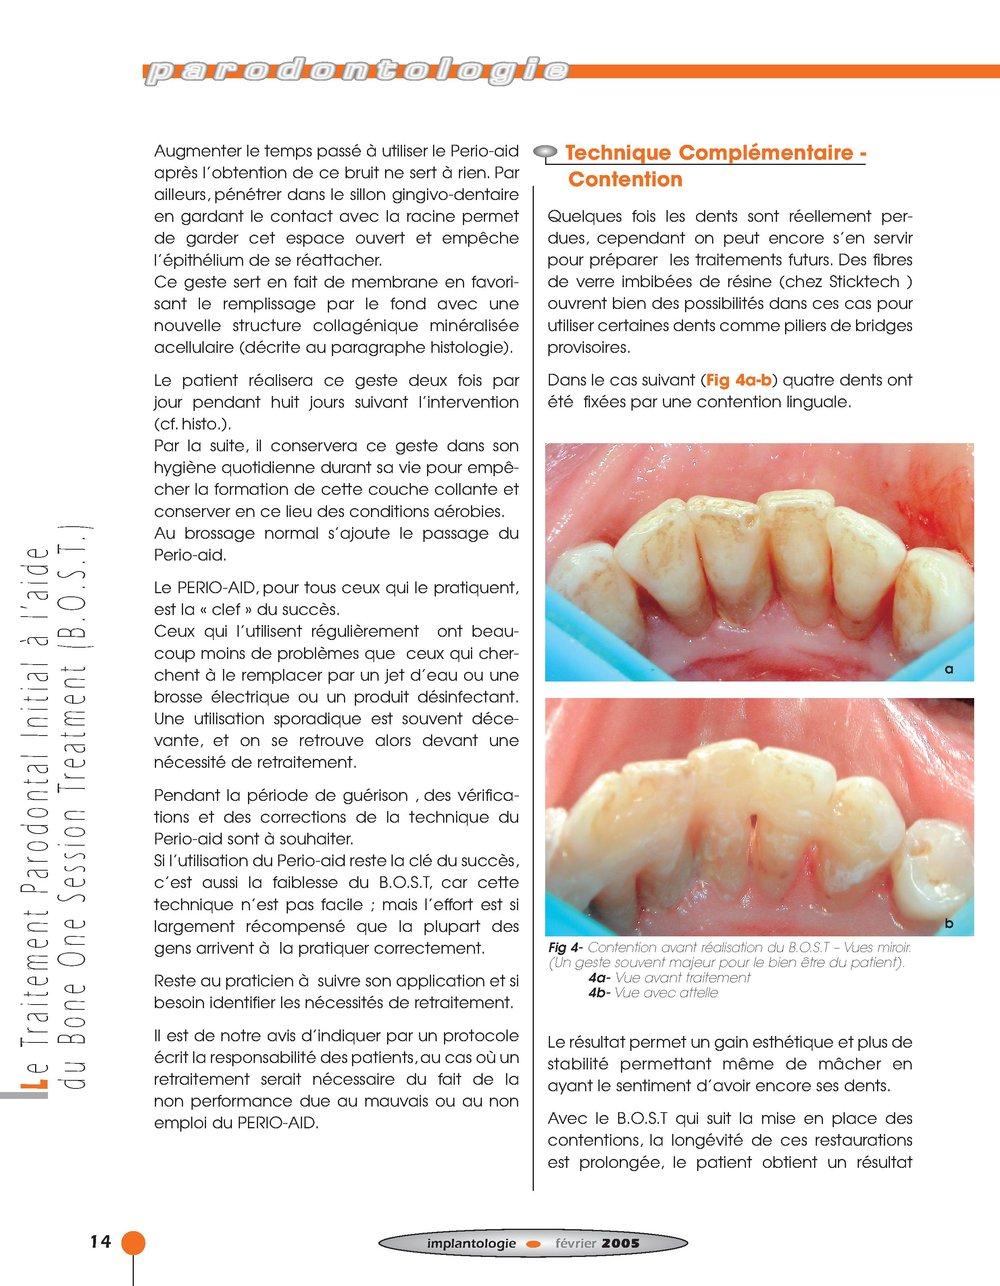 Implantologie BOST Article 14 BLZ-8.jpg